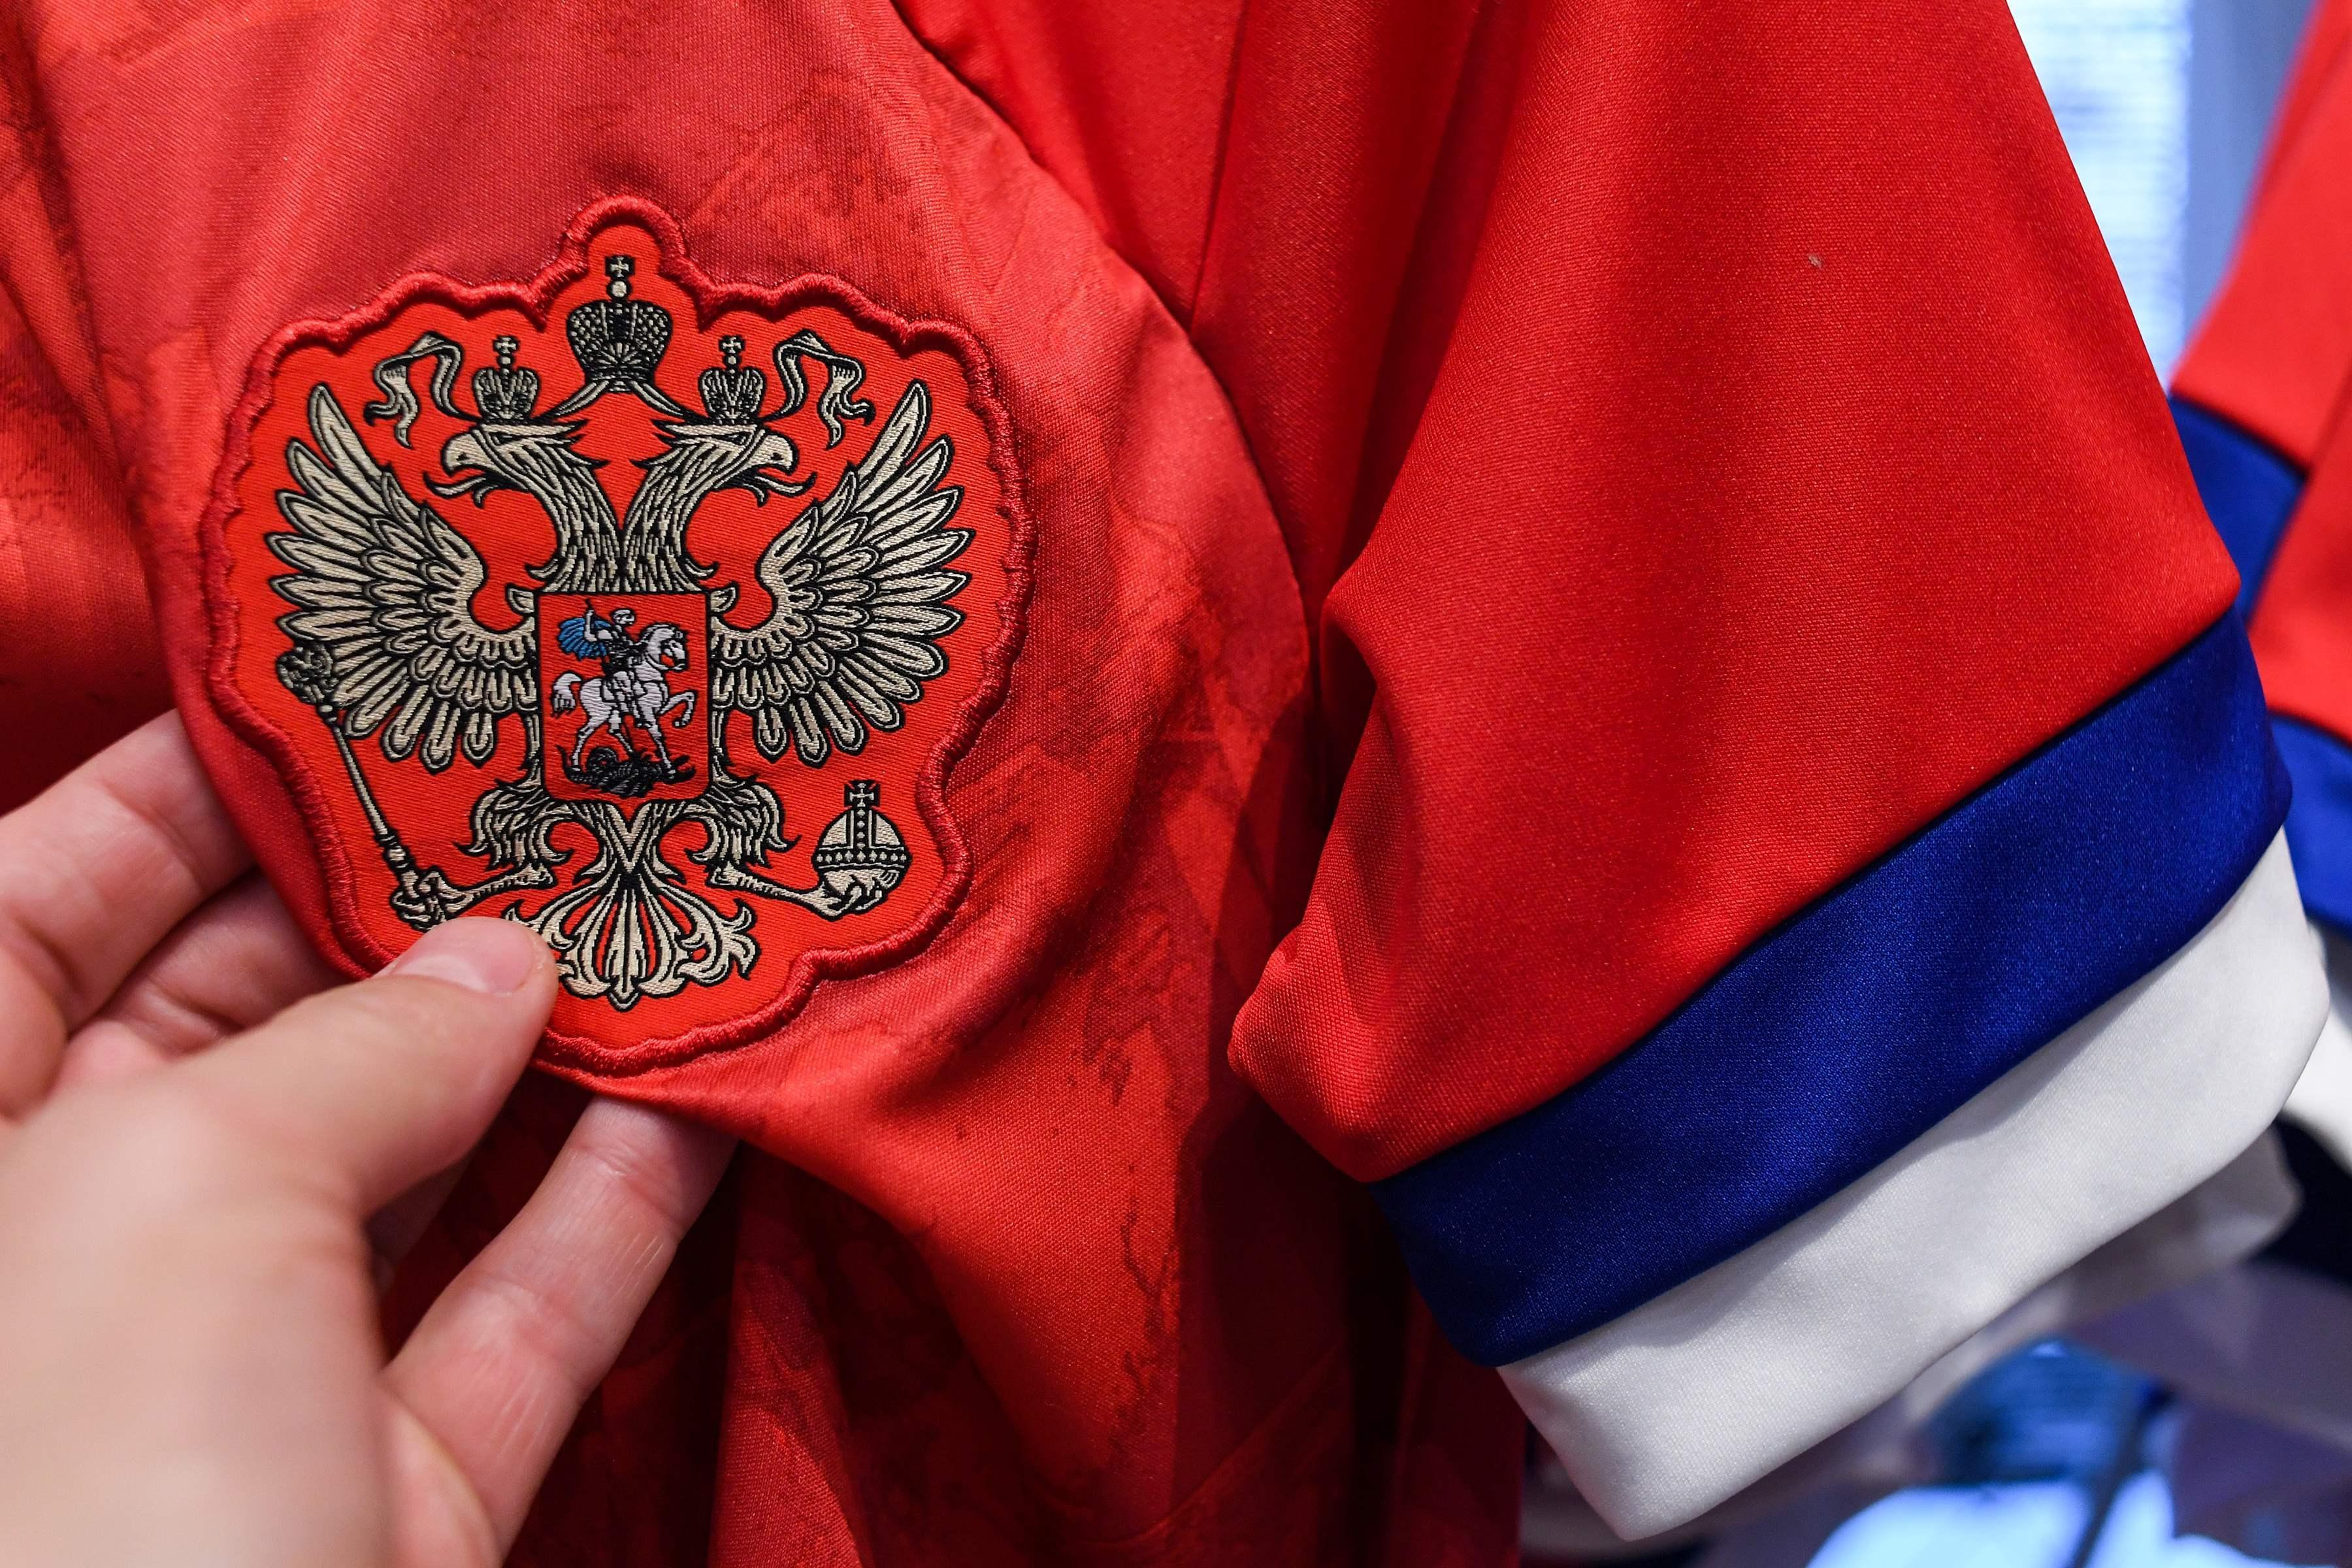 Wieder Trikot AdidasRussland in Panne bei serbischer 4RjLA5